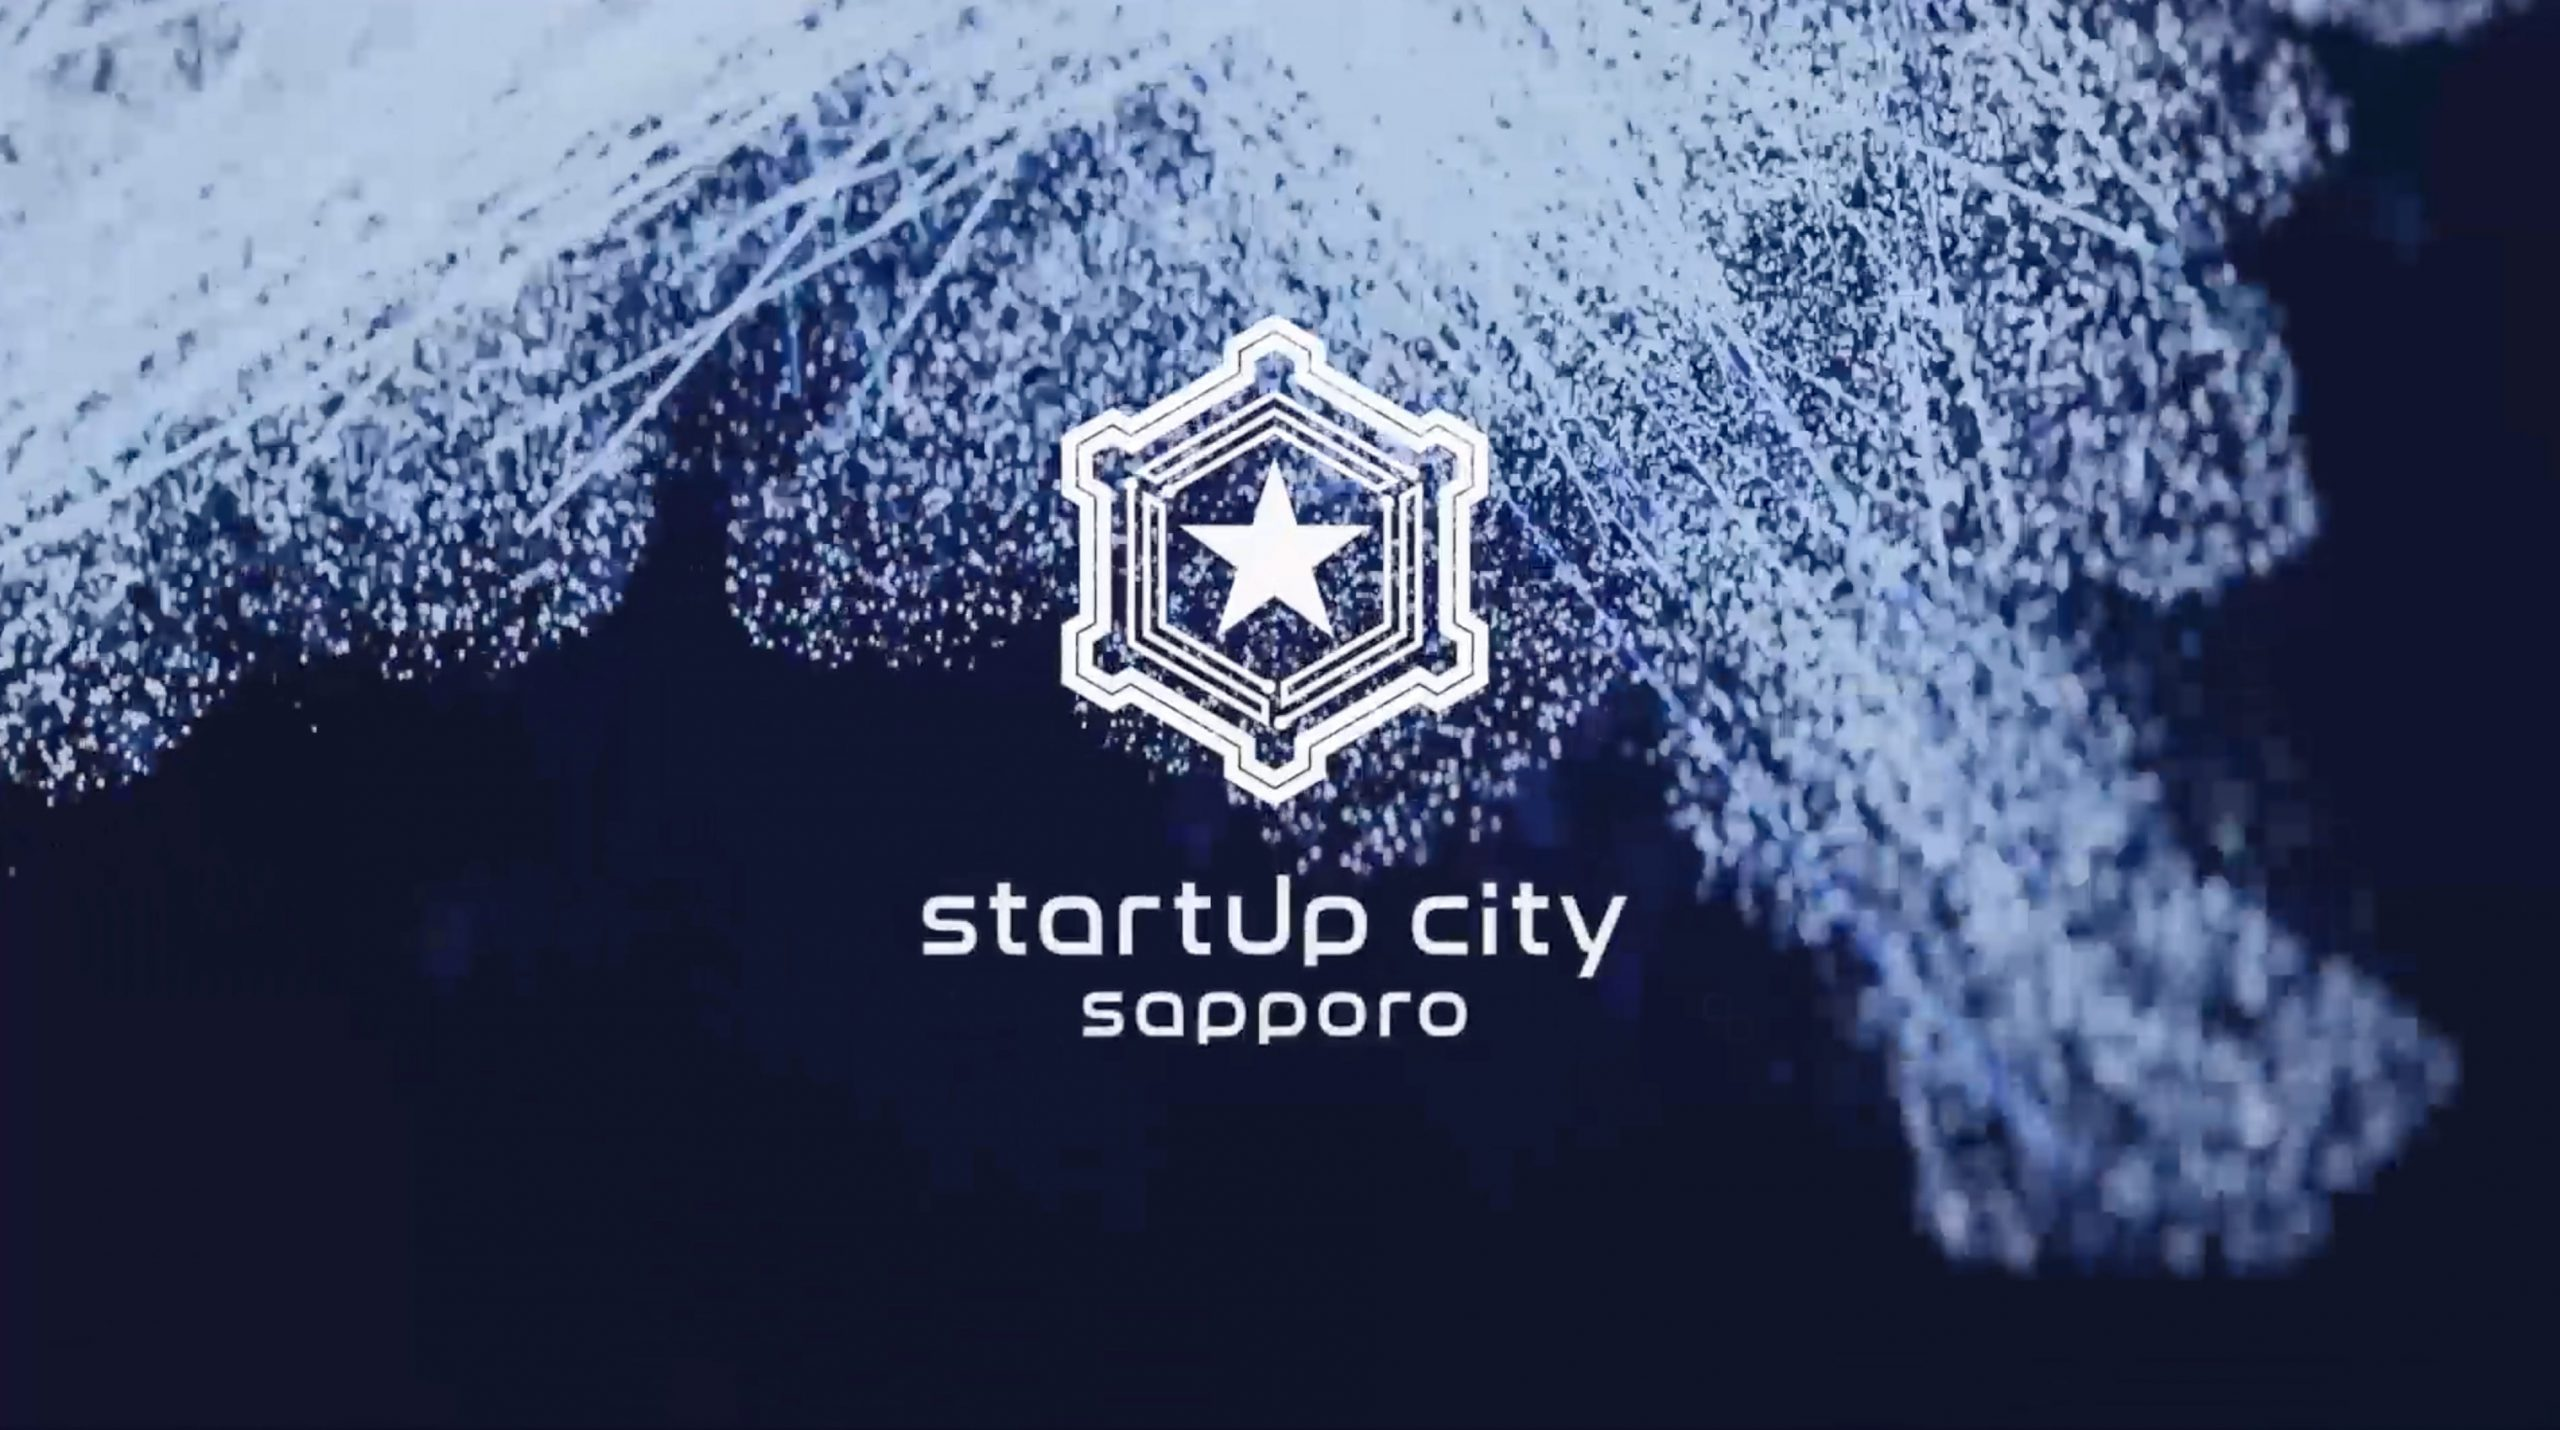 街に、もっと、チャレンジを。スタートアップ支援を通じて次世代の街づくりを目指す|STARTUP CITY SAPPORO プロジェクトが始動